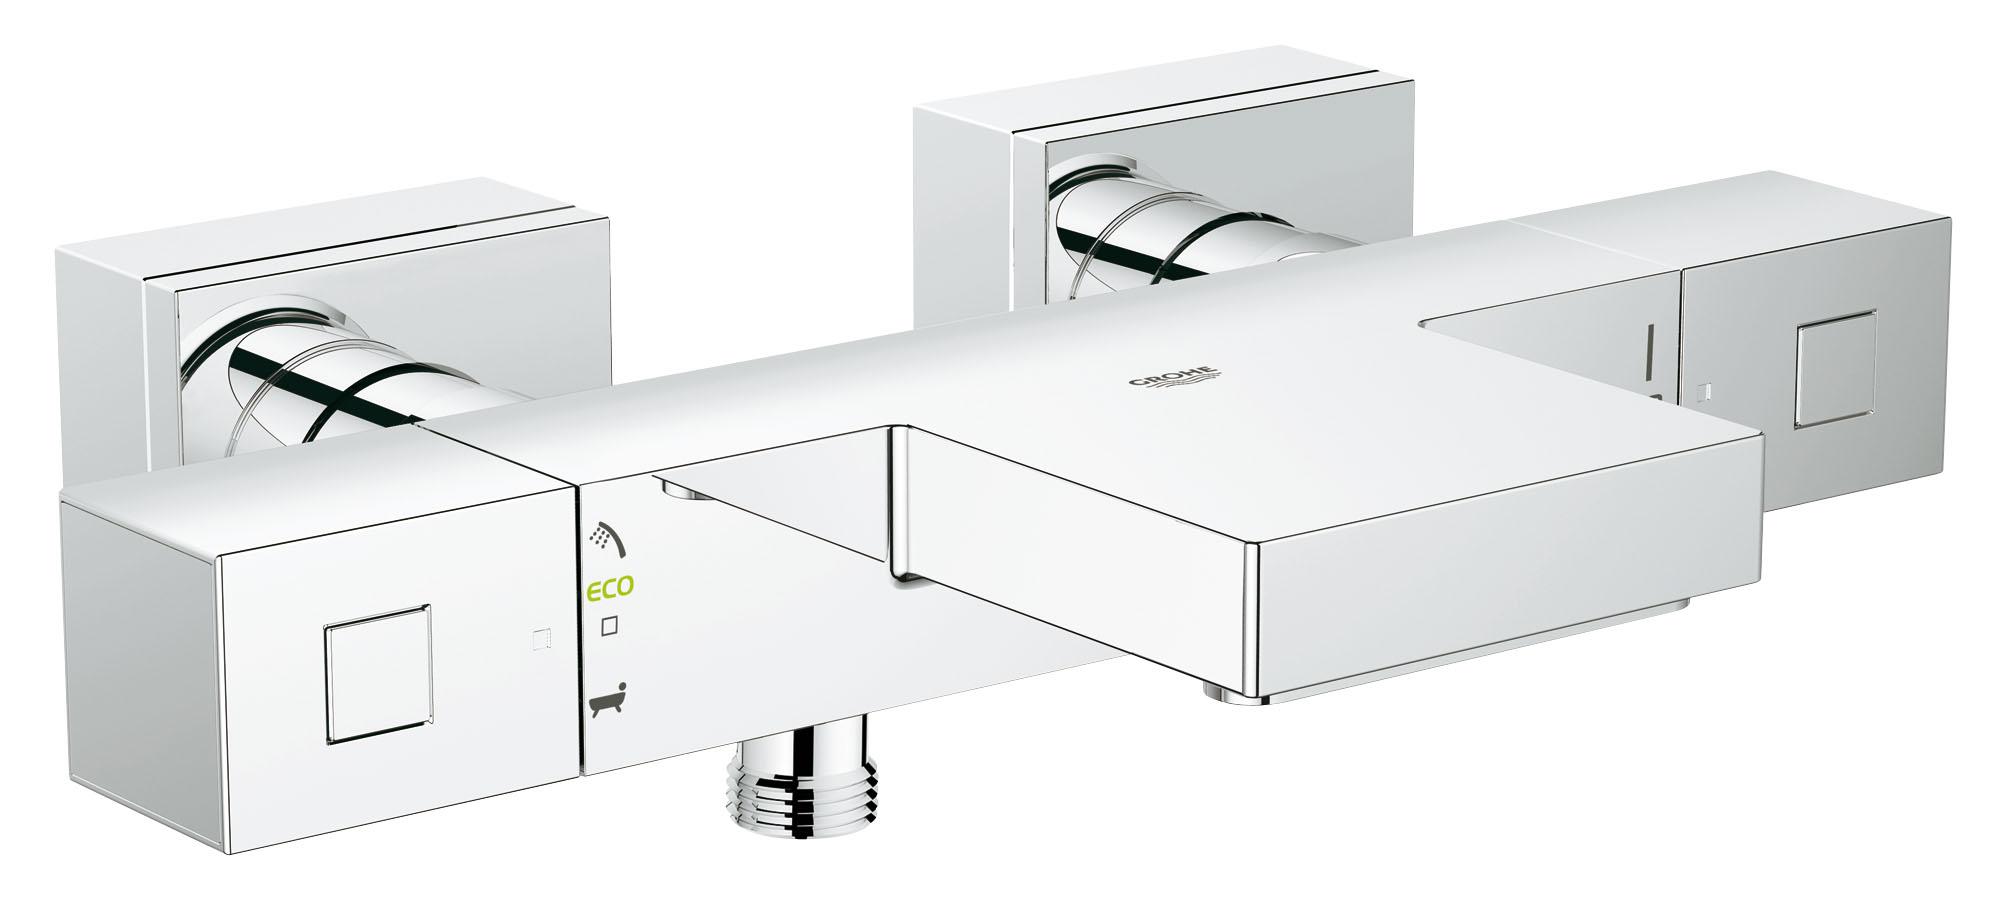 Смеситель для ванны и душа GROHE Grohtherm Cube, с термостатом. 3449700034497000GROHE Grohtherm Cube: термостат для ванны с самыми современными технологиями для роскошных банных процедур Благодаря своему широкому каскадному изливу этот прогрессивный высокоточный термостат привнесет в интерьер Вашей ванной комнаты особый шик. Технология GROHE TurboStat обеспечивает мгновенную подачу воды заданной температуры через выпуск для ванны или душ. Стопор SafeStop убережет Вас и Ваших детей от ошпаривания. Регулятор AquaDimmer Eco позволит Вам перенаправлять поток воды между выпуском для ванны и душем, при желании ограничивая напор в целях экономии воды. Кольцевая шкала GROHE EasyLogic делает процесс настройки температуры и напора воды простым и интуитивно понятным. Благодаря износостойкому хромированному покрытию GROHE StarLight, Ваш термостат навсегда сохранит свой безупречно сияющий вид. Для поддержания его безупречной чистоты достаточно протирания сухой салфеткой.Особенности:Настенный монтаж GROHE StarLight хромированная поверхностьGROHE TurboStat встроенный термоэлемент GROHE EcoJoy - технология совершенного потока при уменьшенном расходе водыВстроенный стопор смешанной воды GROHE AquaDimmer Plus многофункциональный - регулировка расхода - переключатель: ванна/душ - GROHE EcoButton (встроенная кнопка с функцией экономии воды для душа) Стопор безопасности при 38°C Отвод для душа снизу 1/2? Аэратор Встроенные обратные клапаны Грязеулавливающие фильтры Скрытые S-образные эксцентрики С защитой от обратного потока GROHE XL WaterfallВидео по установке является исключительно информационным. Установка должна проводиться профессионалами!